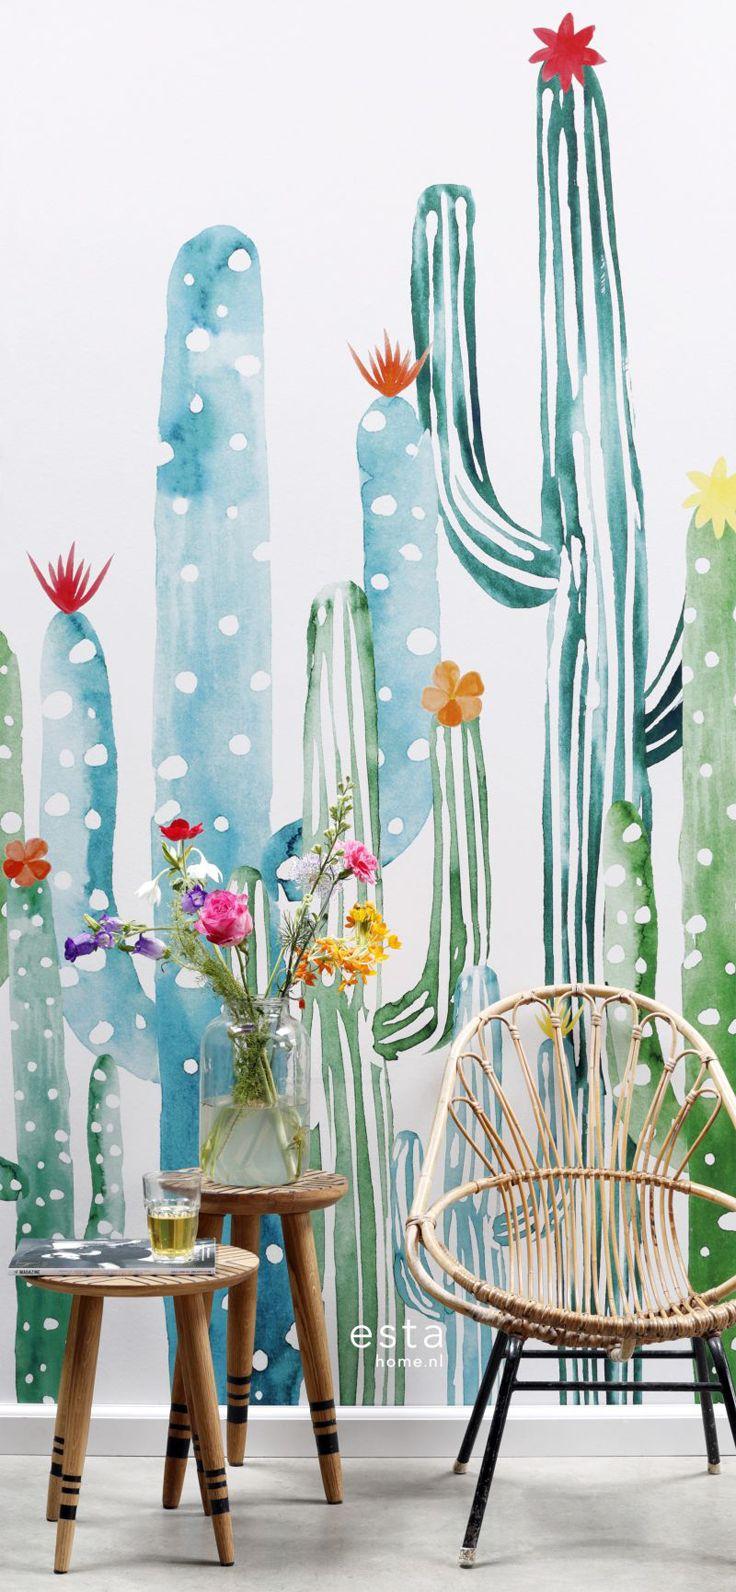 ESTAhome Greenhouse - Groen, groener, groenst... ESTAhome.nl's nieuwe behangcollectie Greenhouse speelthelemaal in op de botanische trend van nu. Lichte kleuren, natuurlijke materialengecombineerd met lekker veel planten. Met Greenhouse haal je als ware buiten naarbinnen!